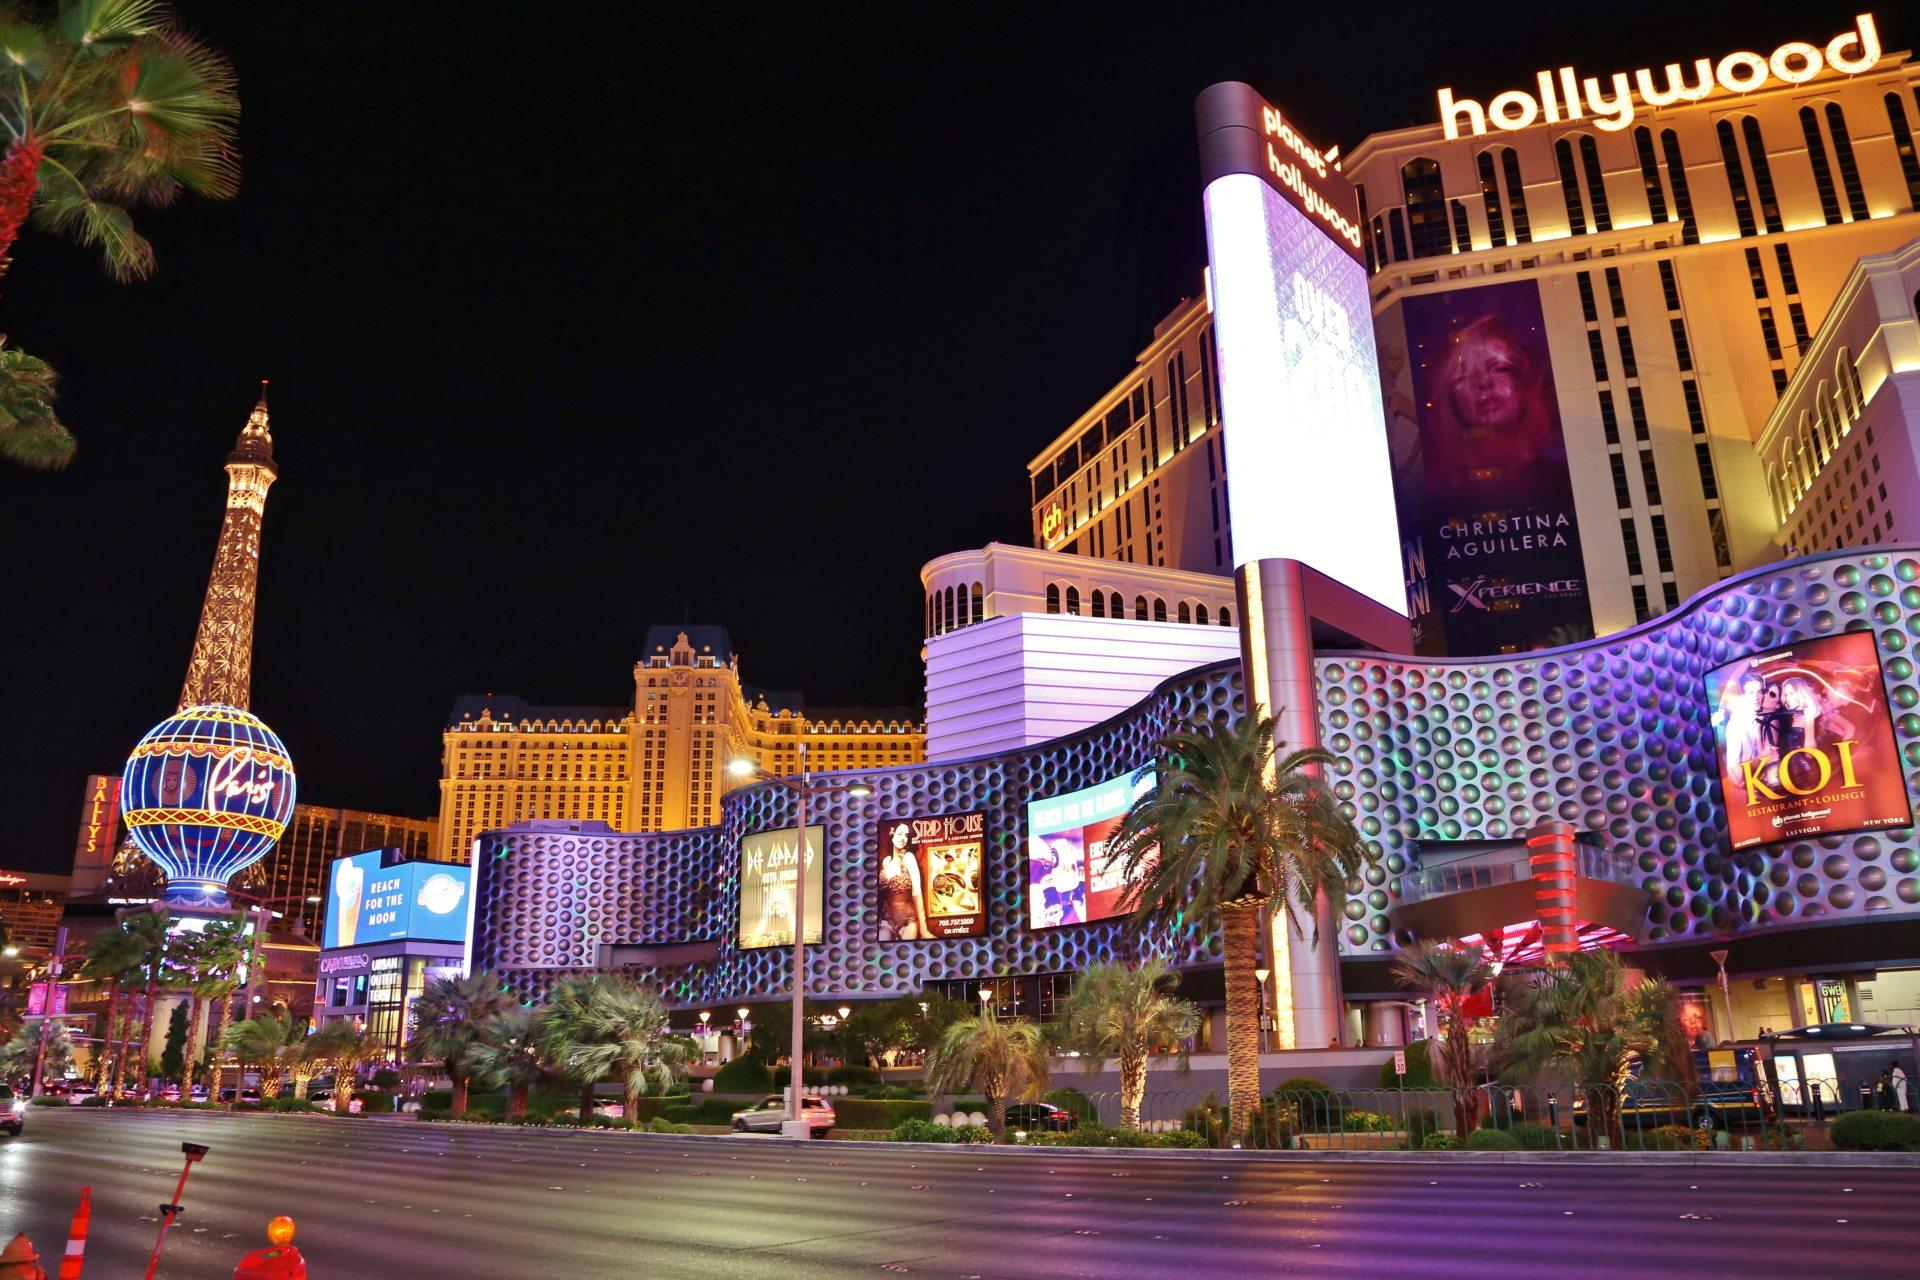 Paris ist nur eine Straße entfernt - Ballys, Beschilderung, Eiffelturm, Gebäude, Himmel, Las Vegas, Leuchtschilder, Lichtreklame, malerisch, Nevada, Palmen, Paris, Planet Hollywood Resort and Casino, Strasse, traumhaft, Werbeschilder - (Bracken, Las Vegas, Nevada, Vereinigte Staaten)